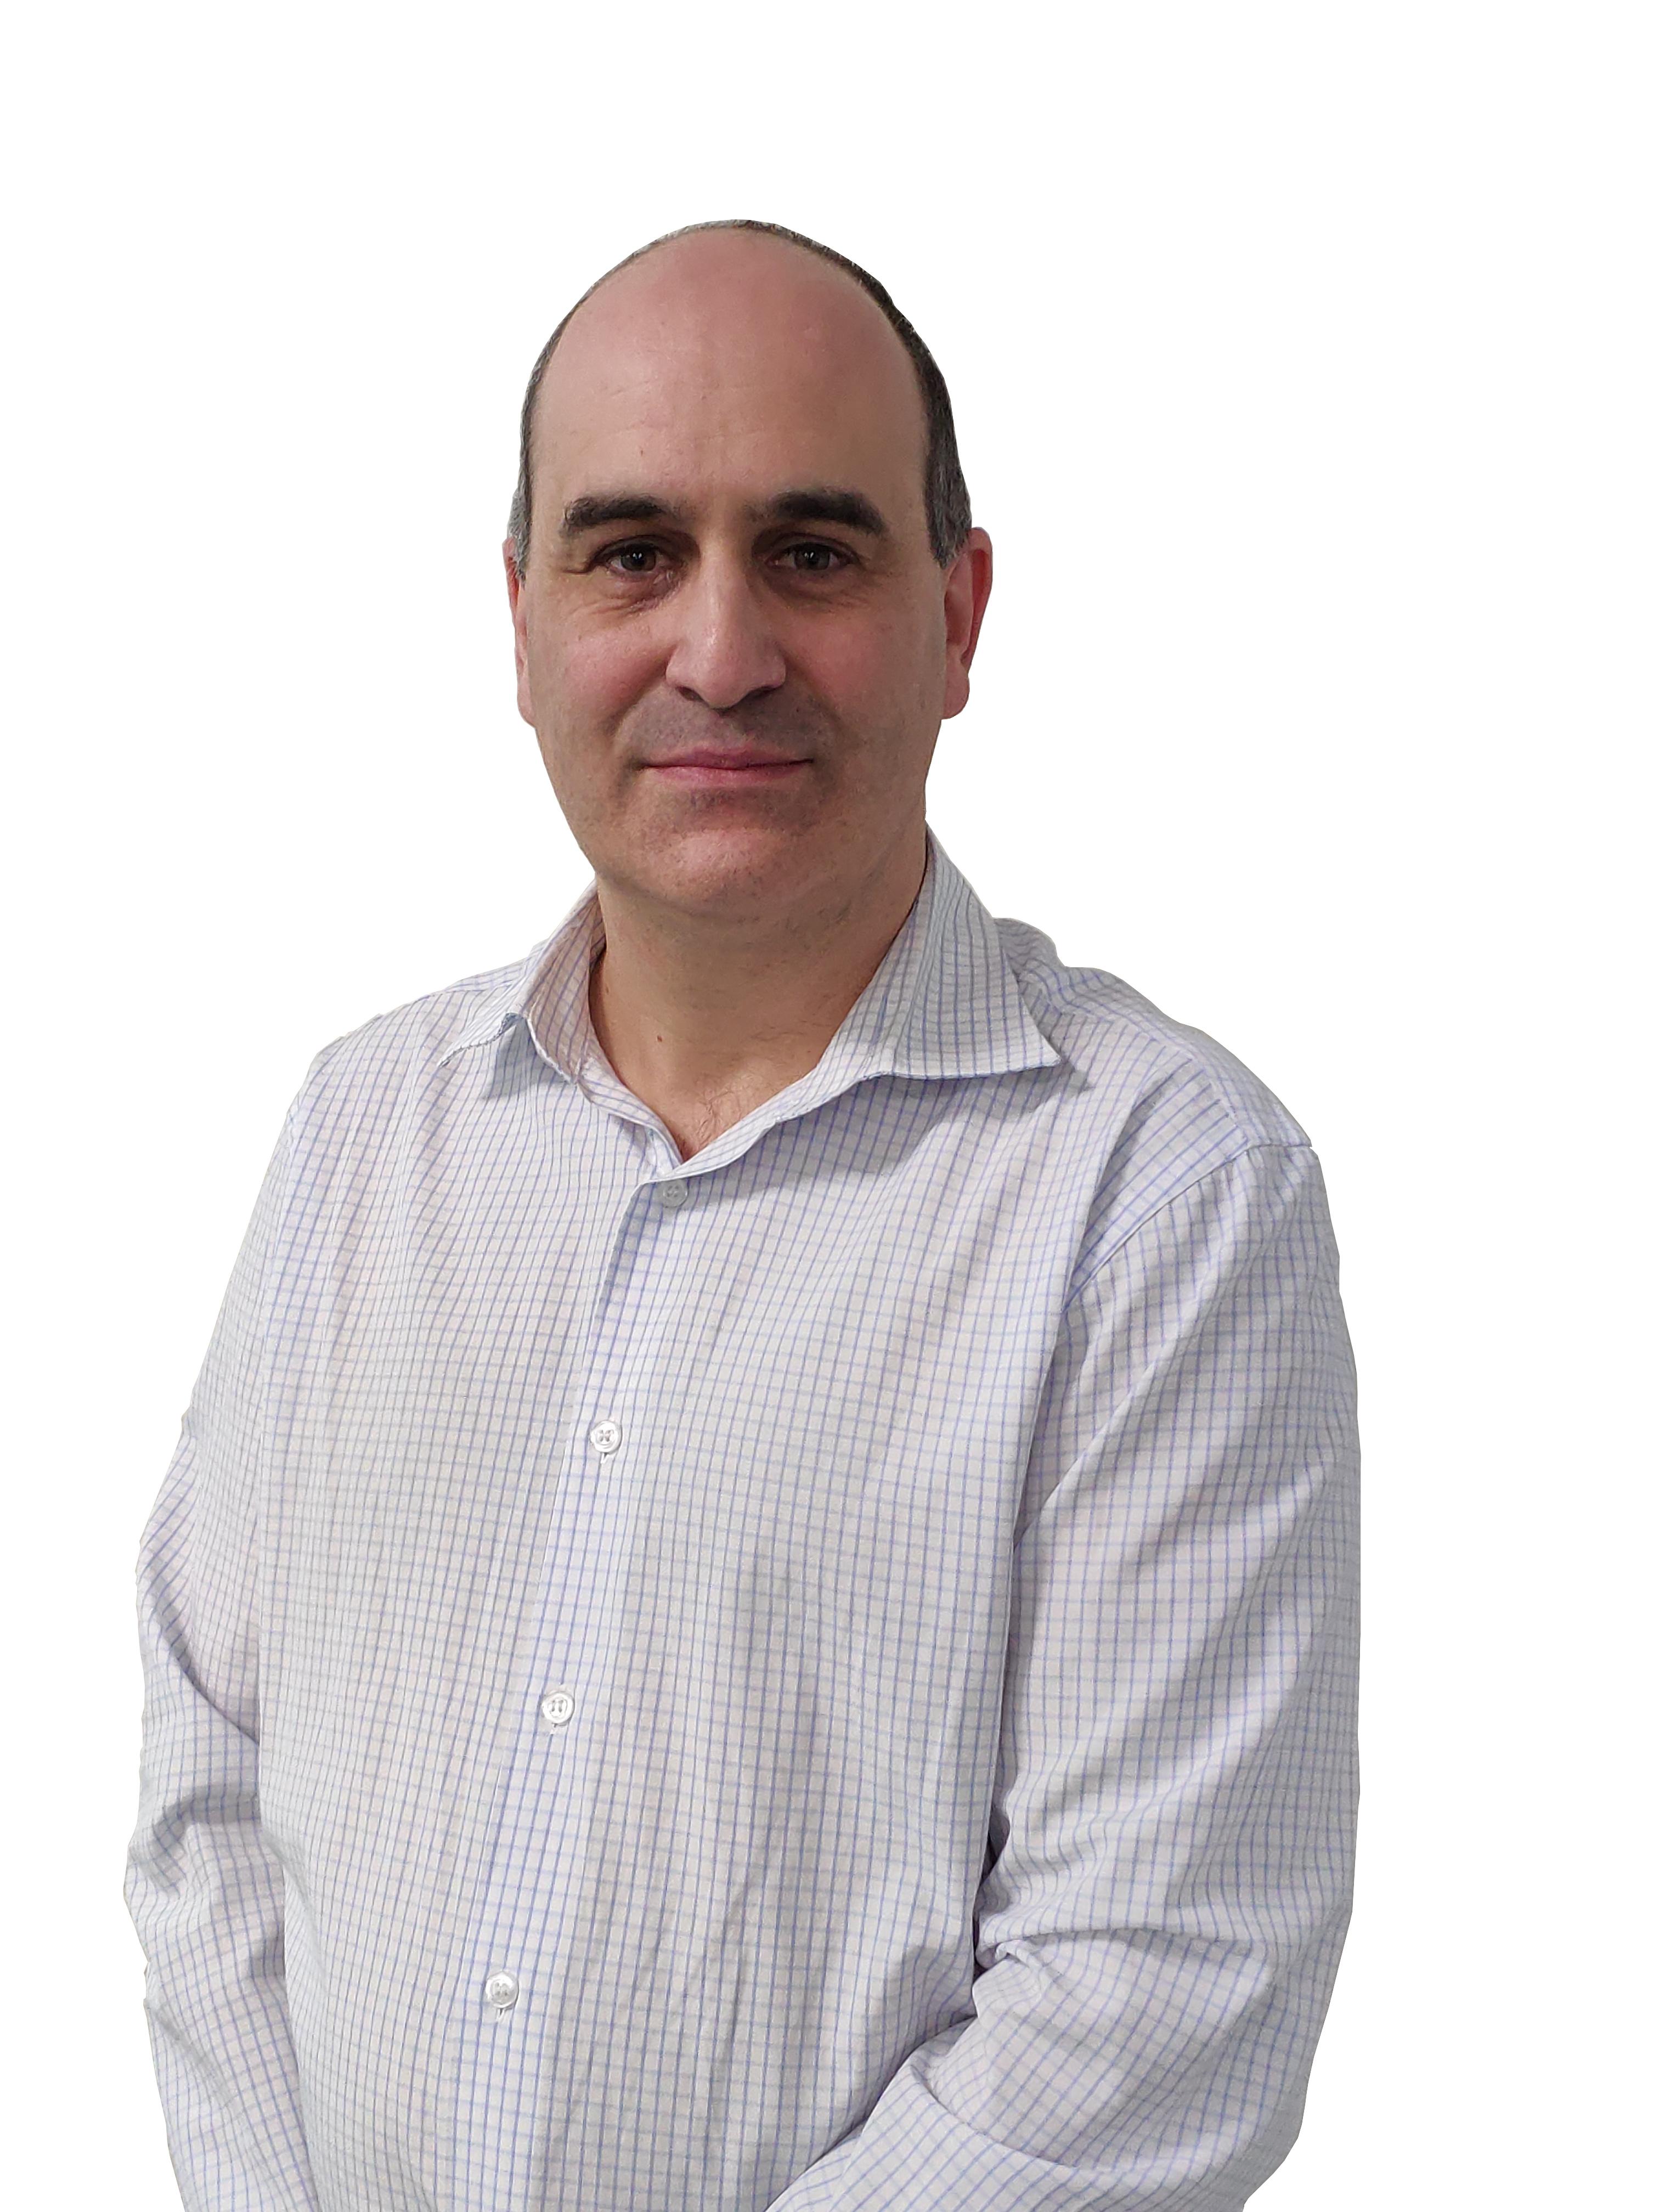 Ignacio Moreno Hojas